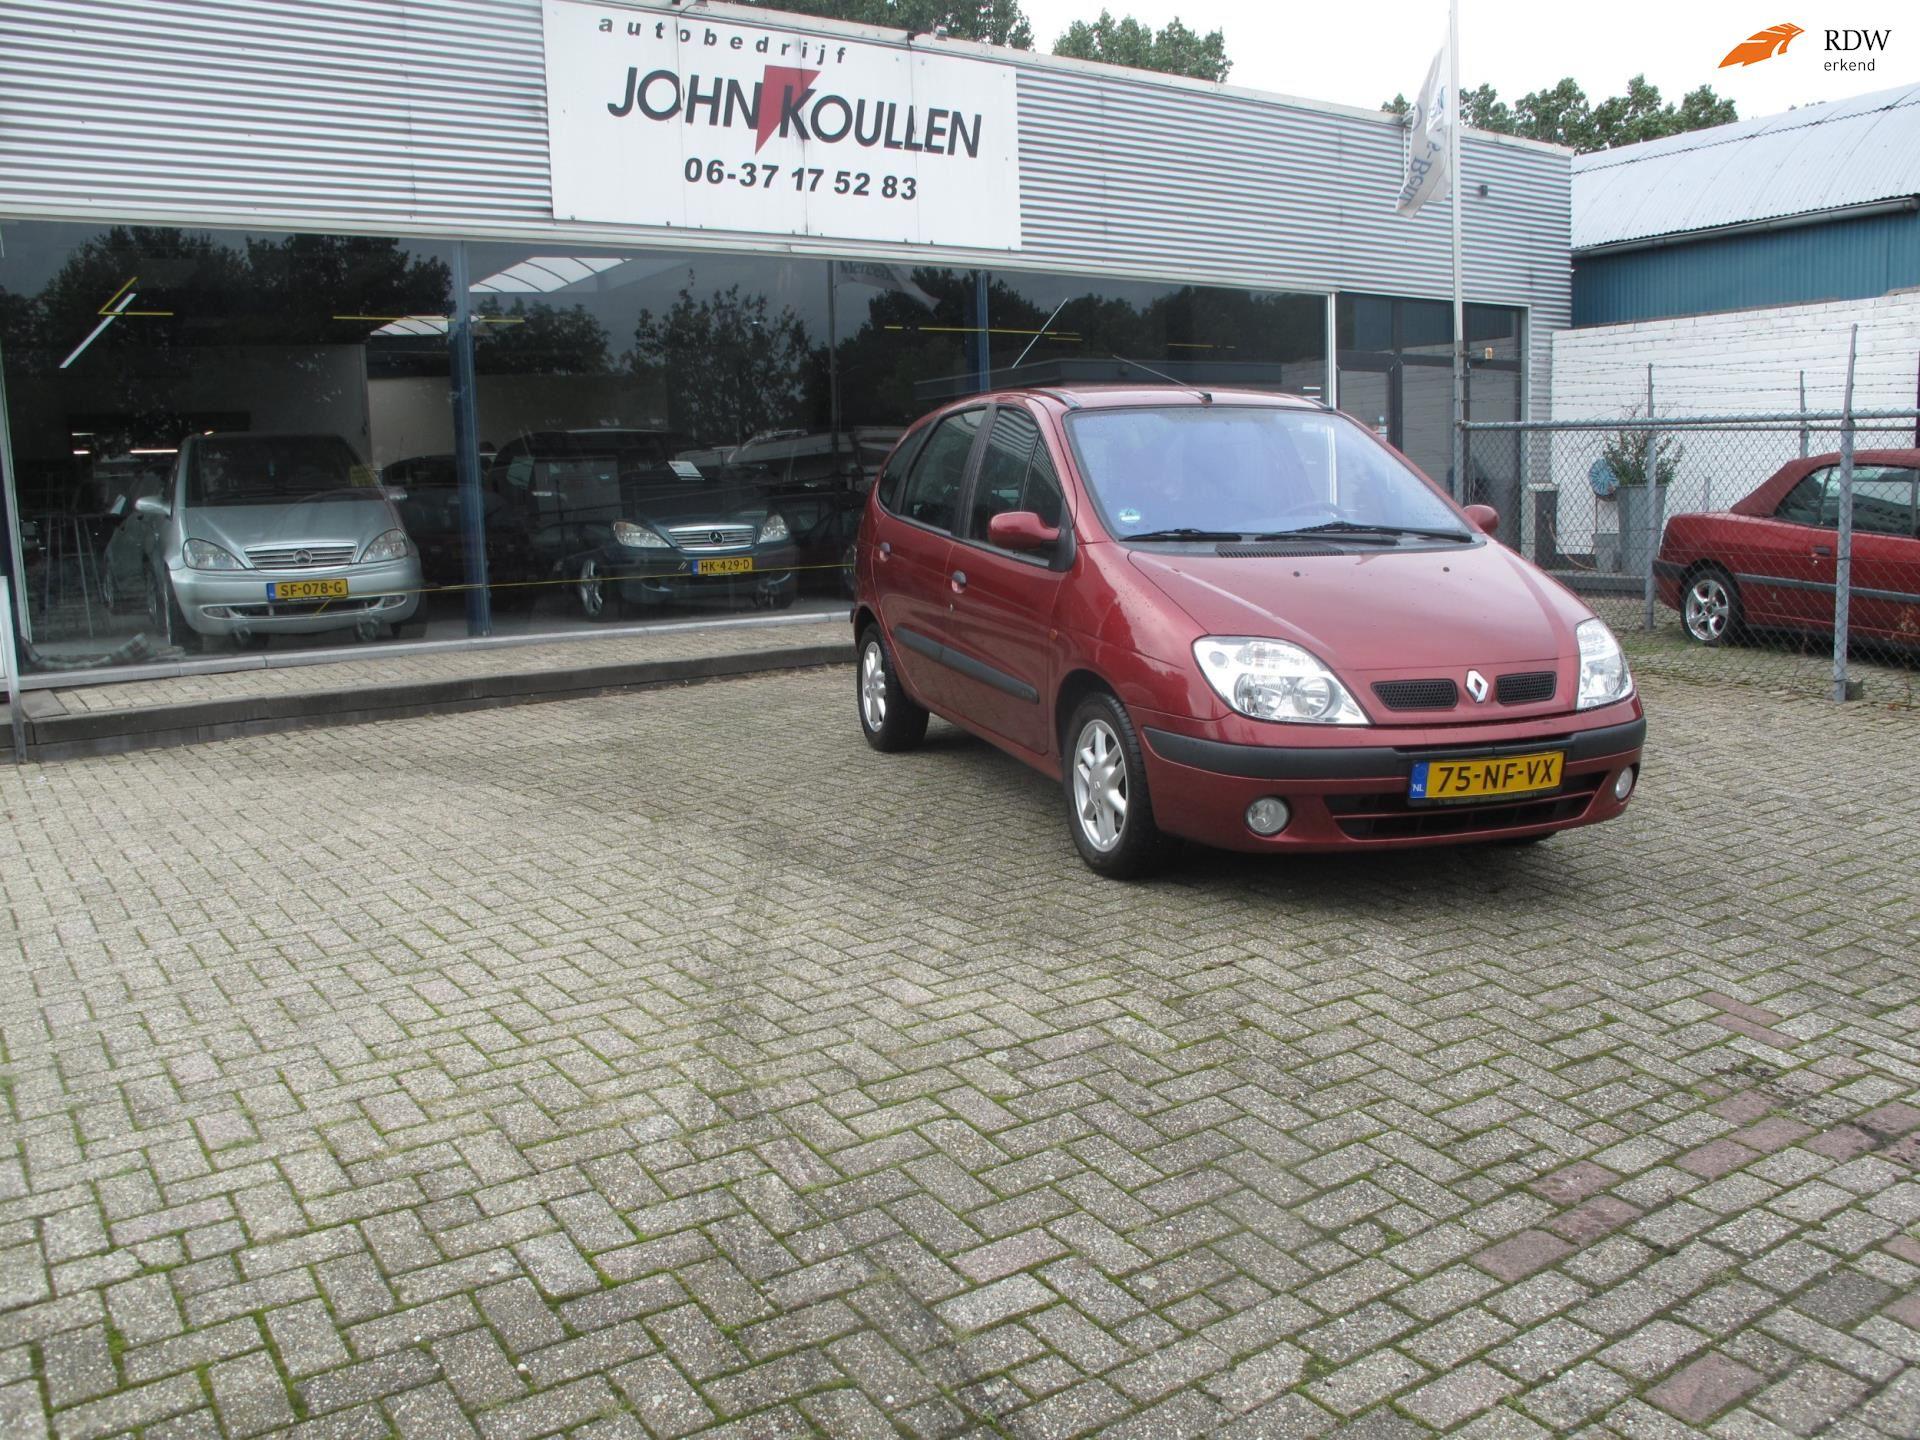 Renault Scénic occasion - Autobedrijf John Koullen